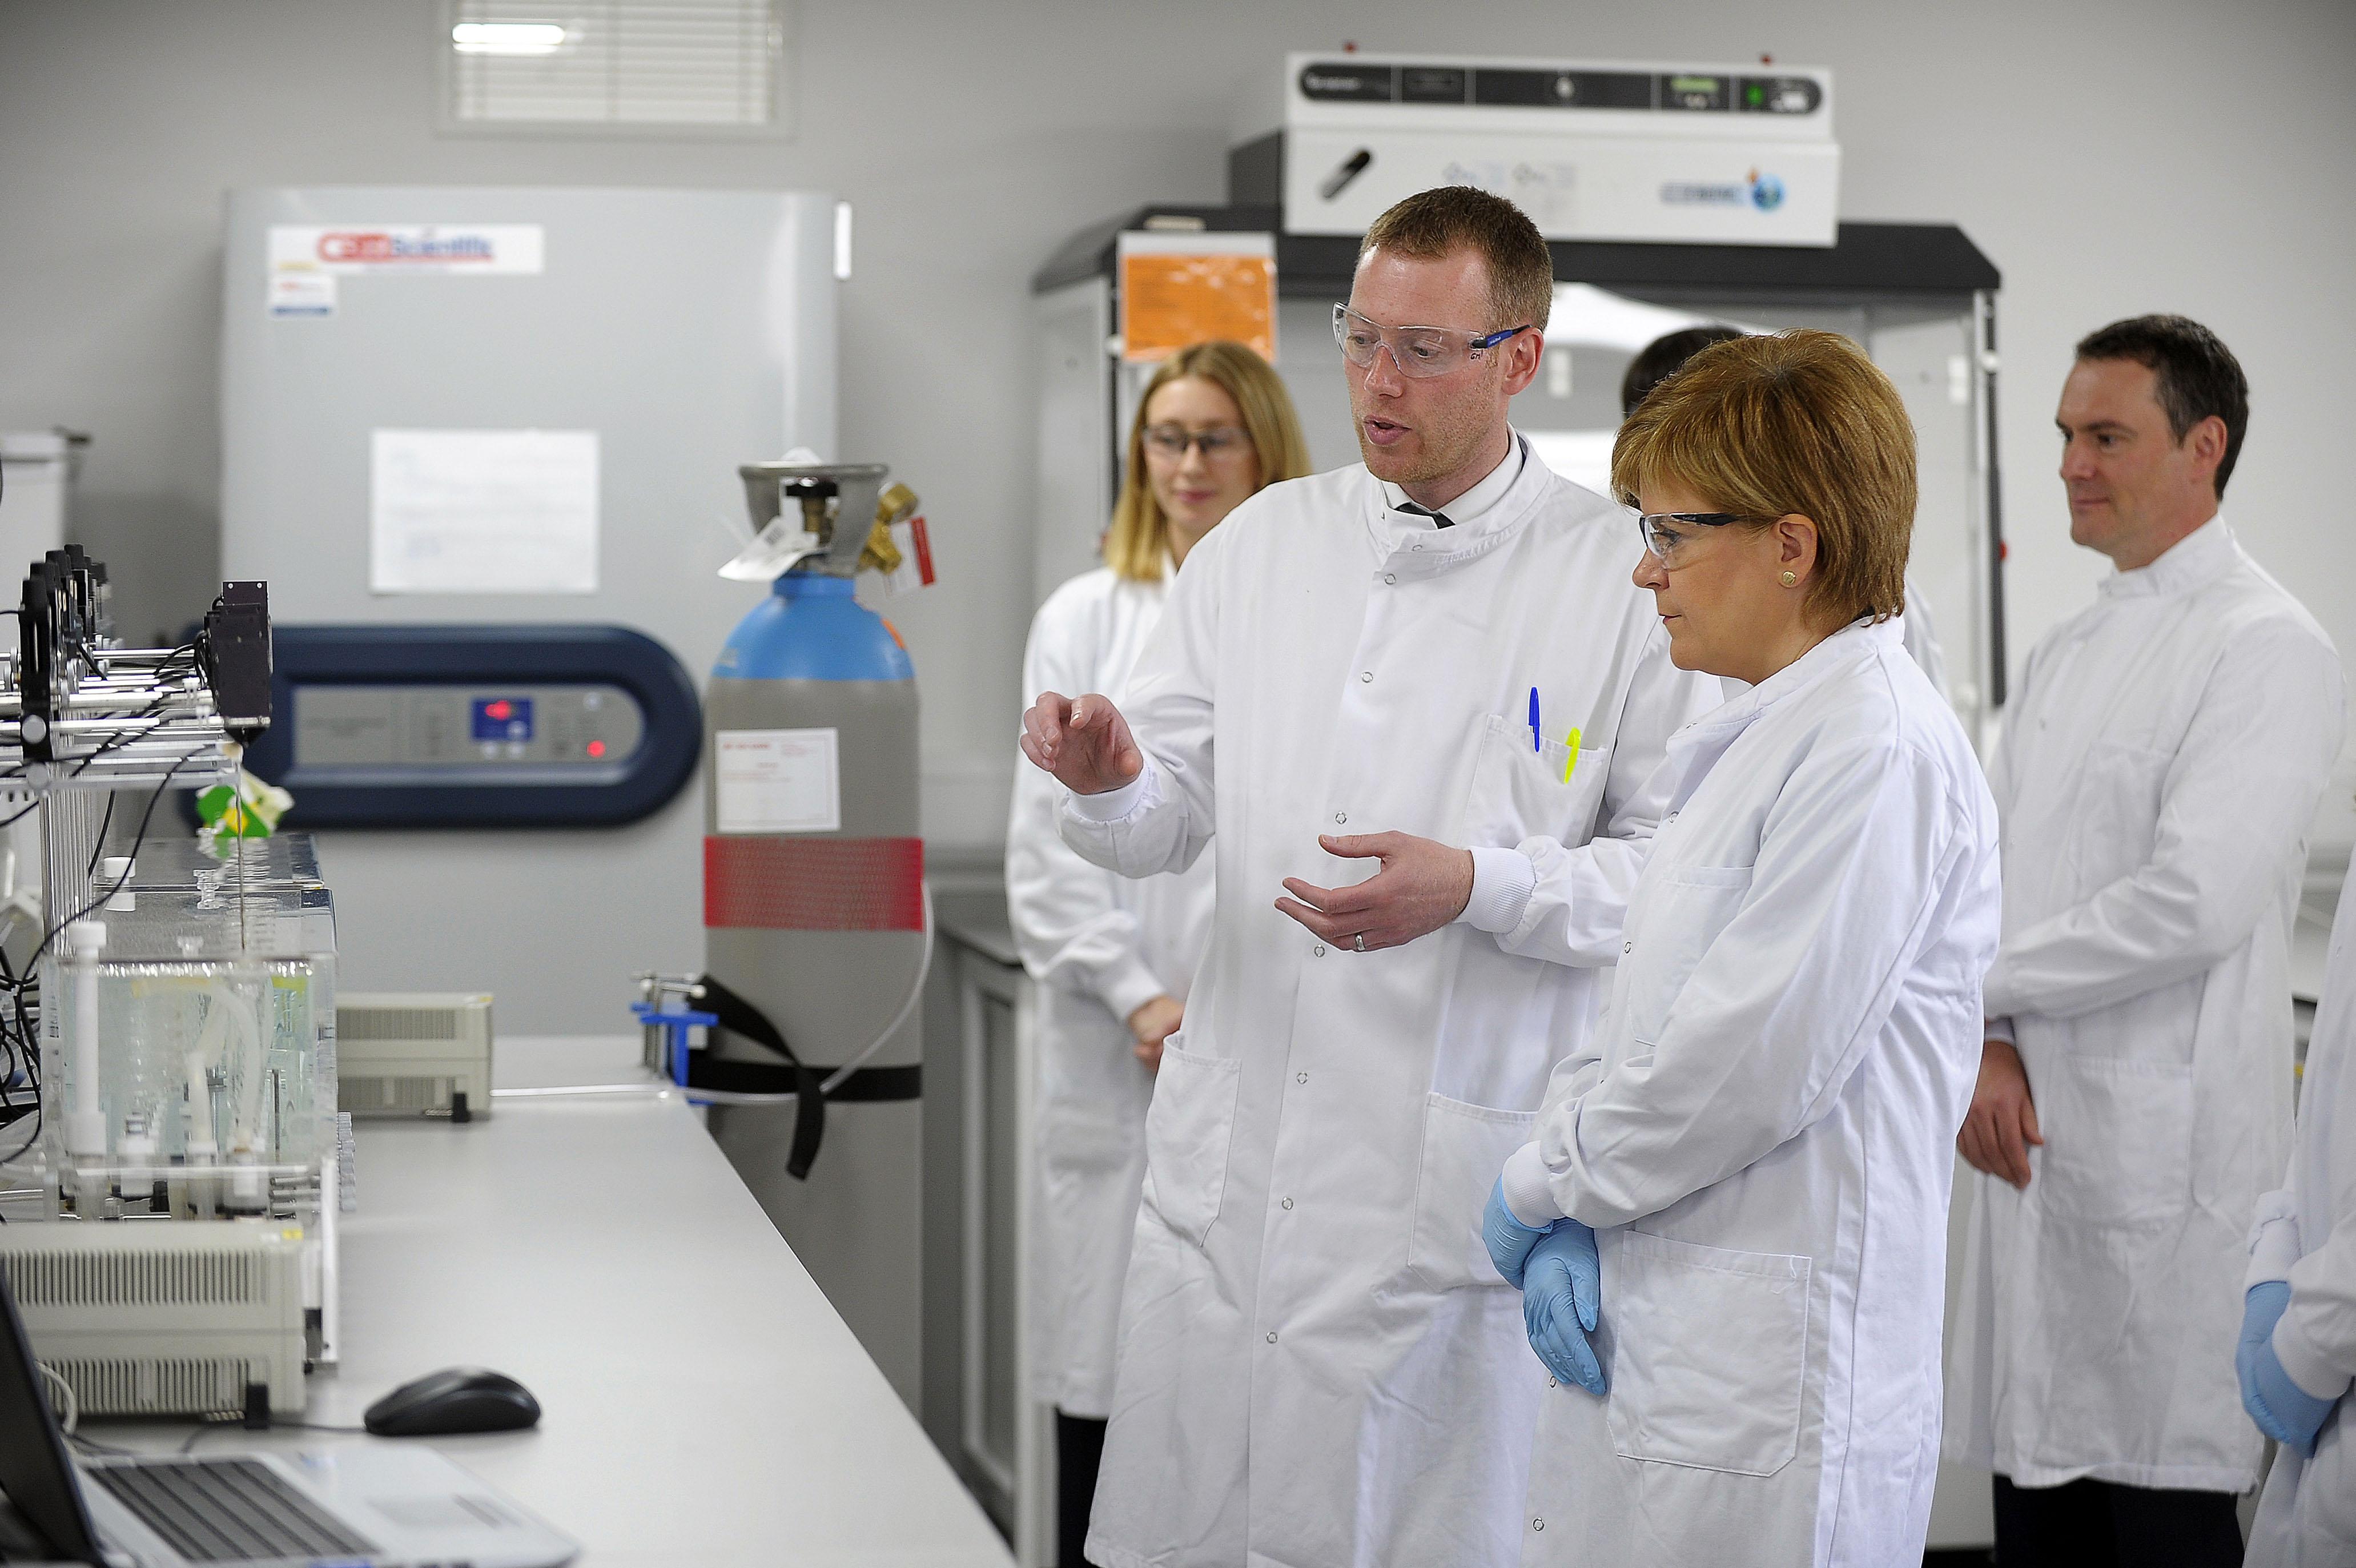 Nicola Sturgeon Visits A Life Science Laboratory